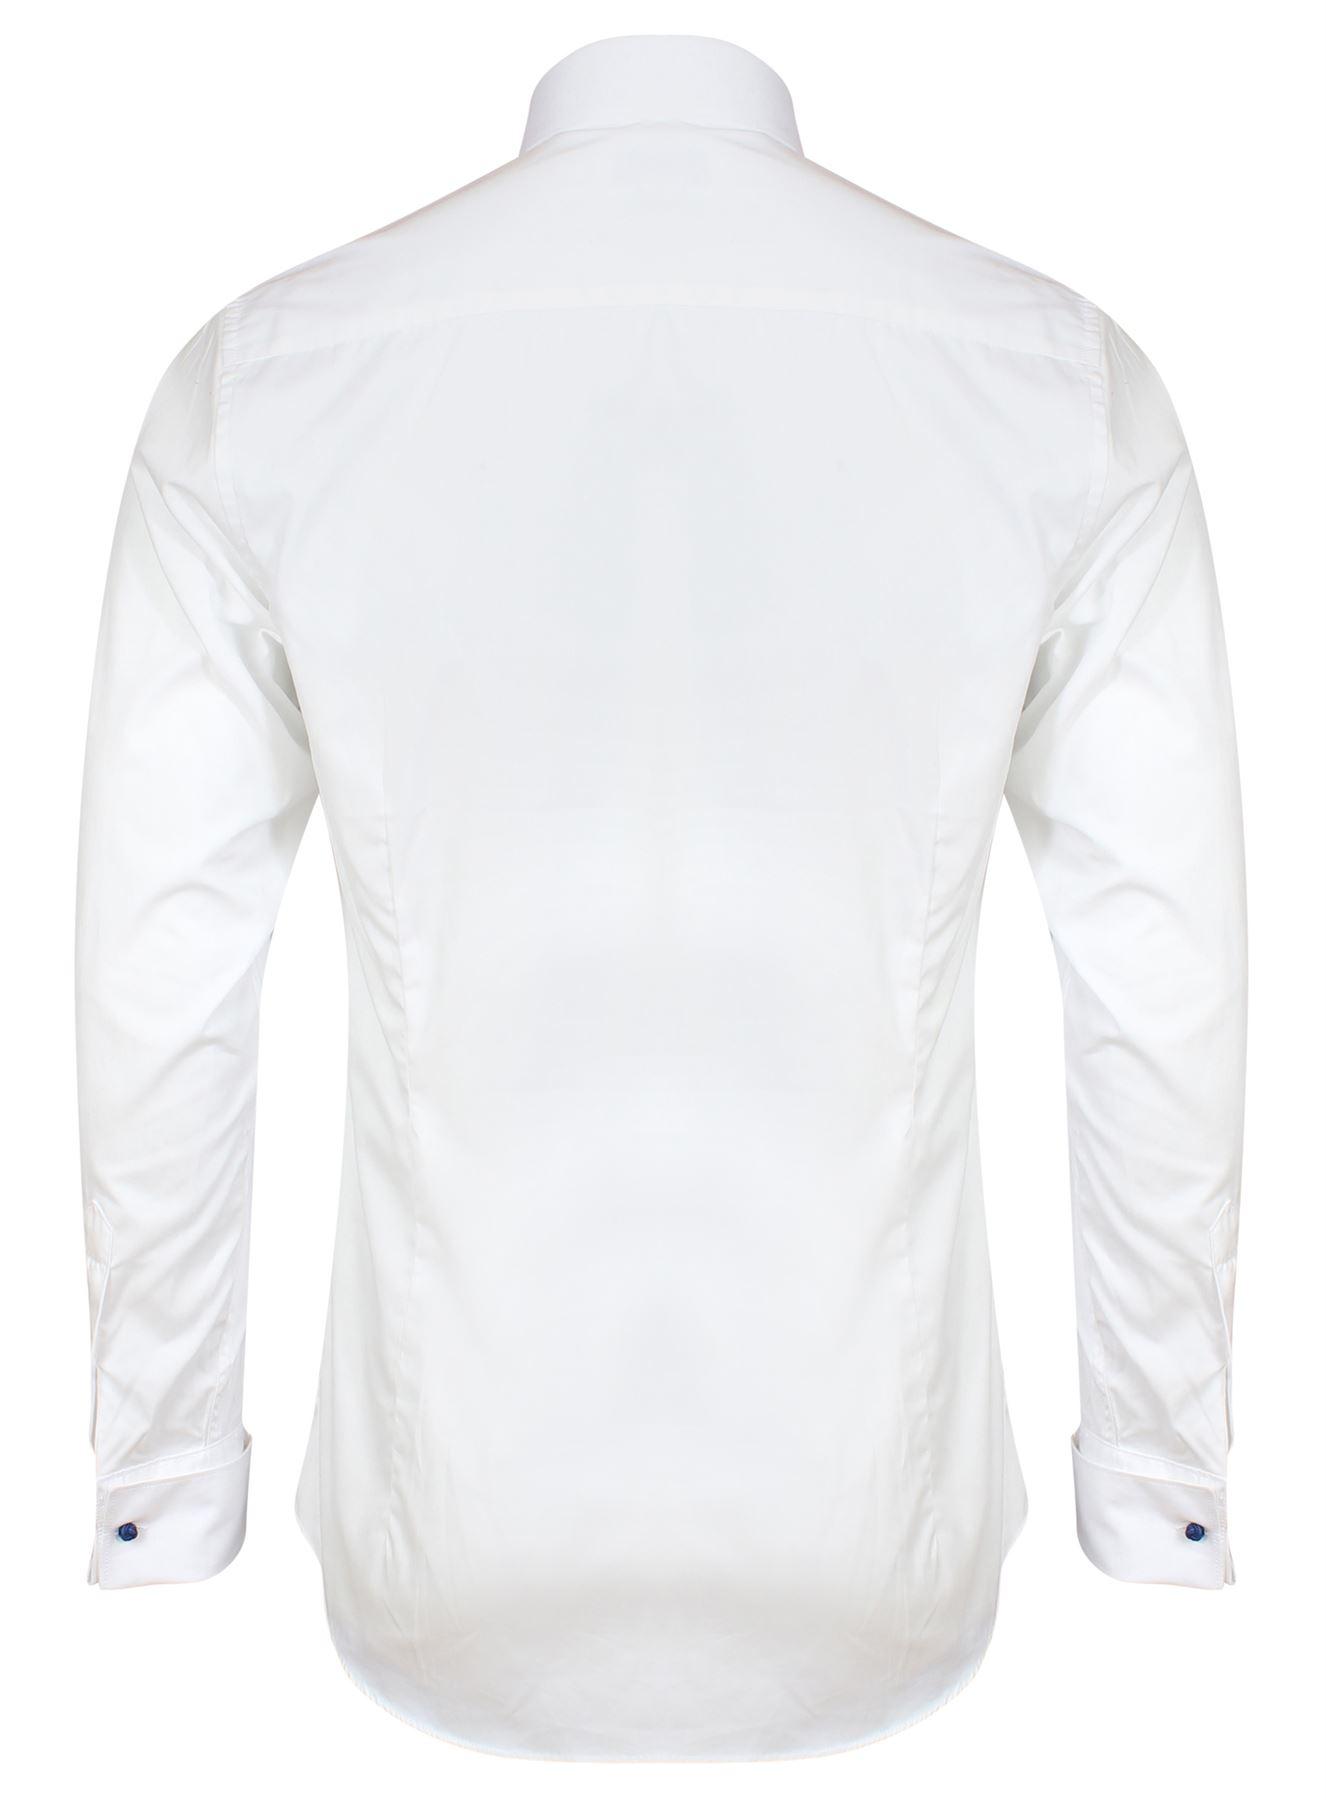 Camicia-Da-Uomo-Invictus-Slim-Su-Misura-Atletico-Body-Fit-Facile-Da-Lavare